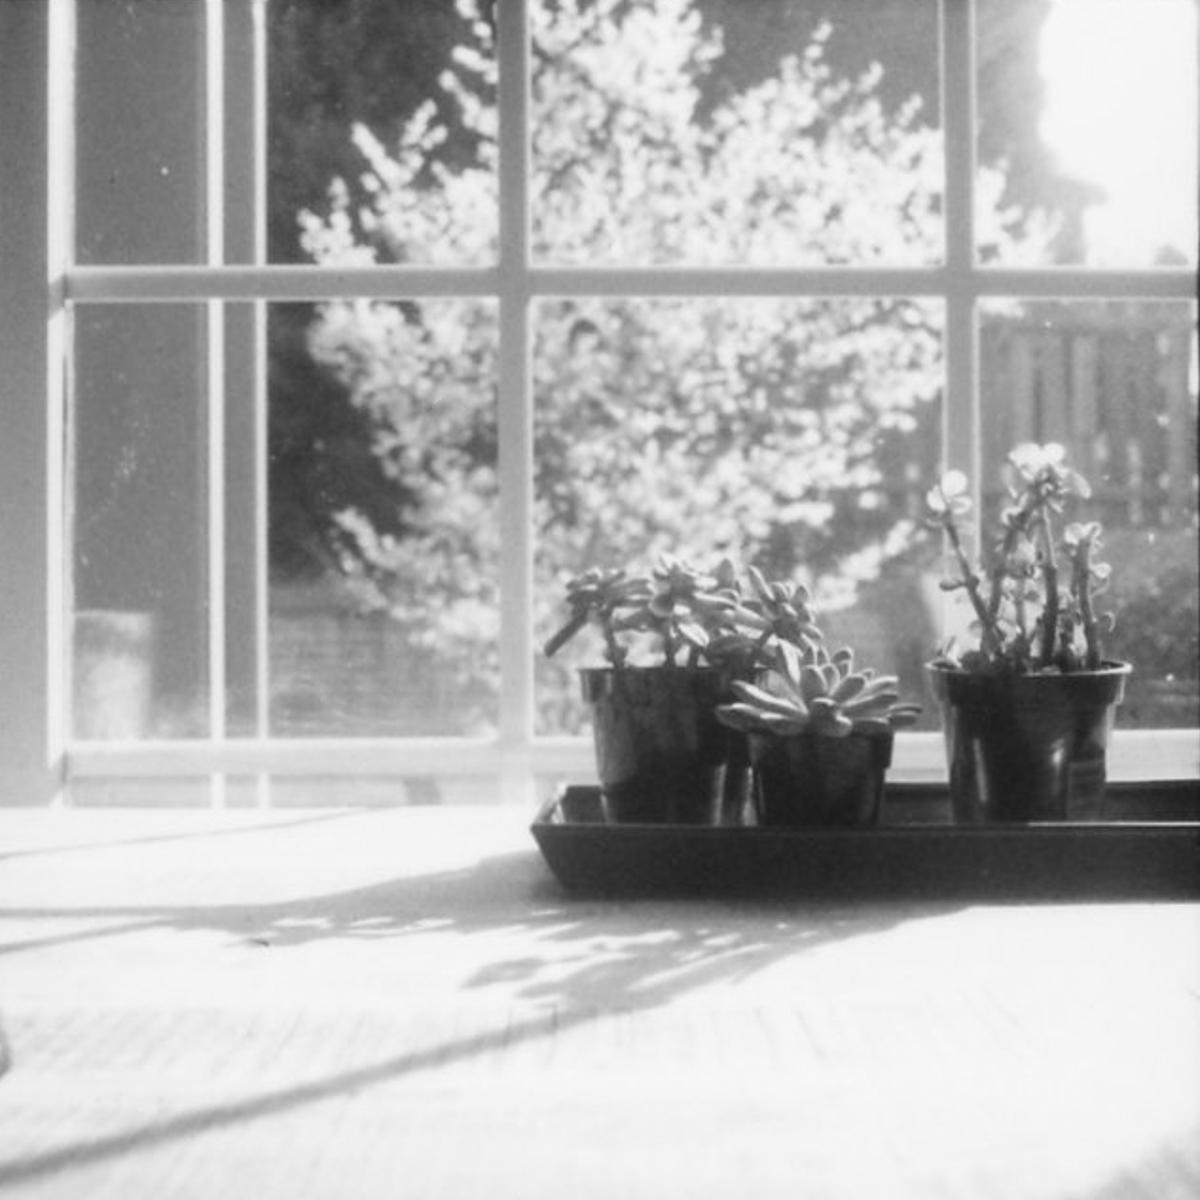 Hasselblad 500c | Fuji FP-3000B Film | Azzari Jarrett